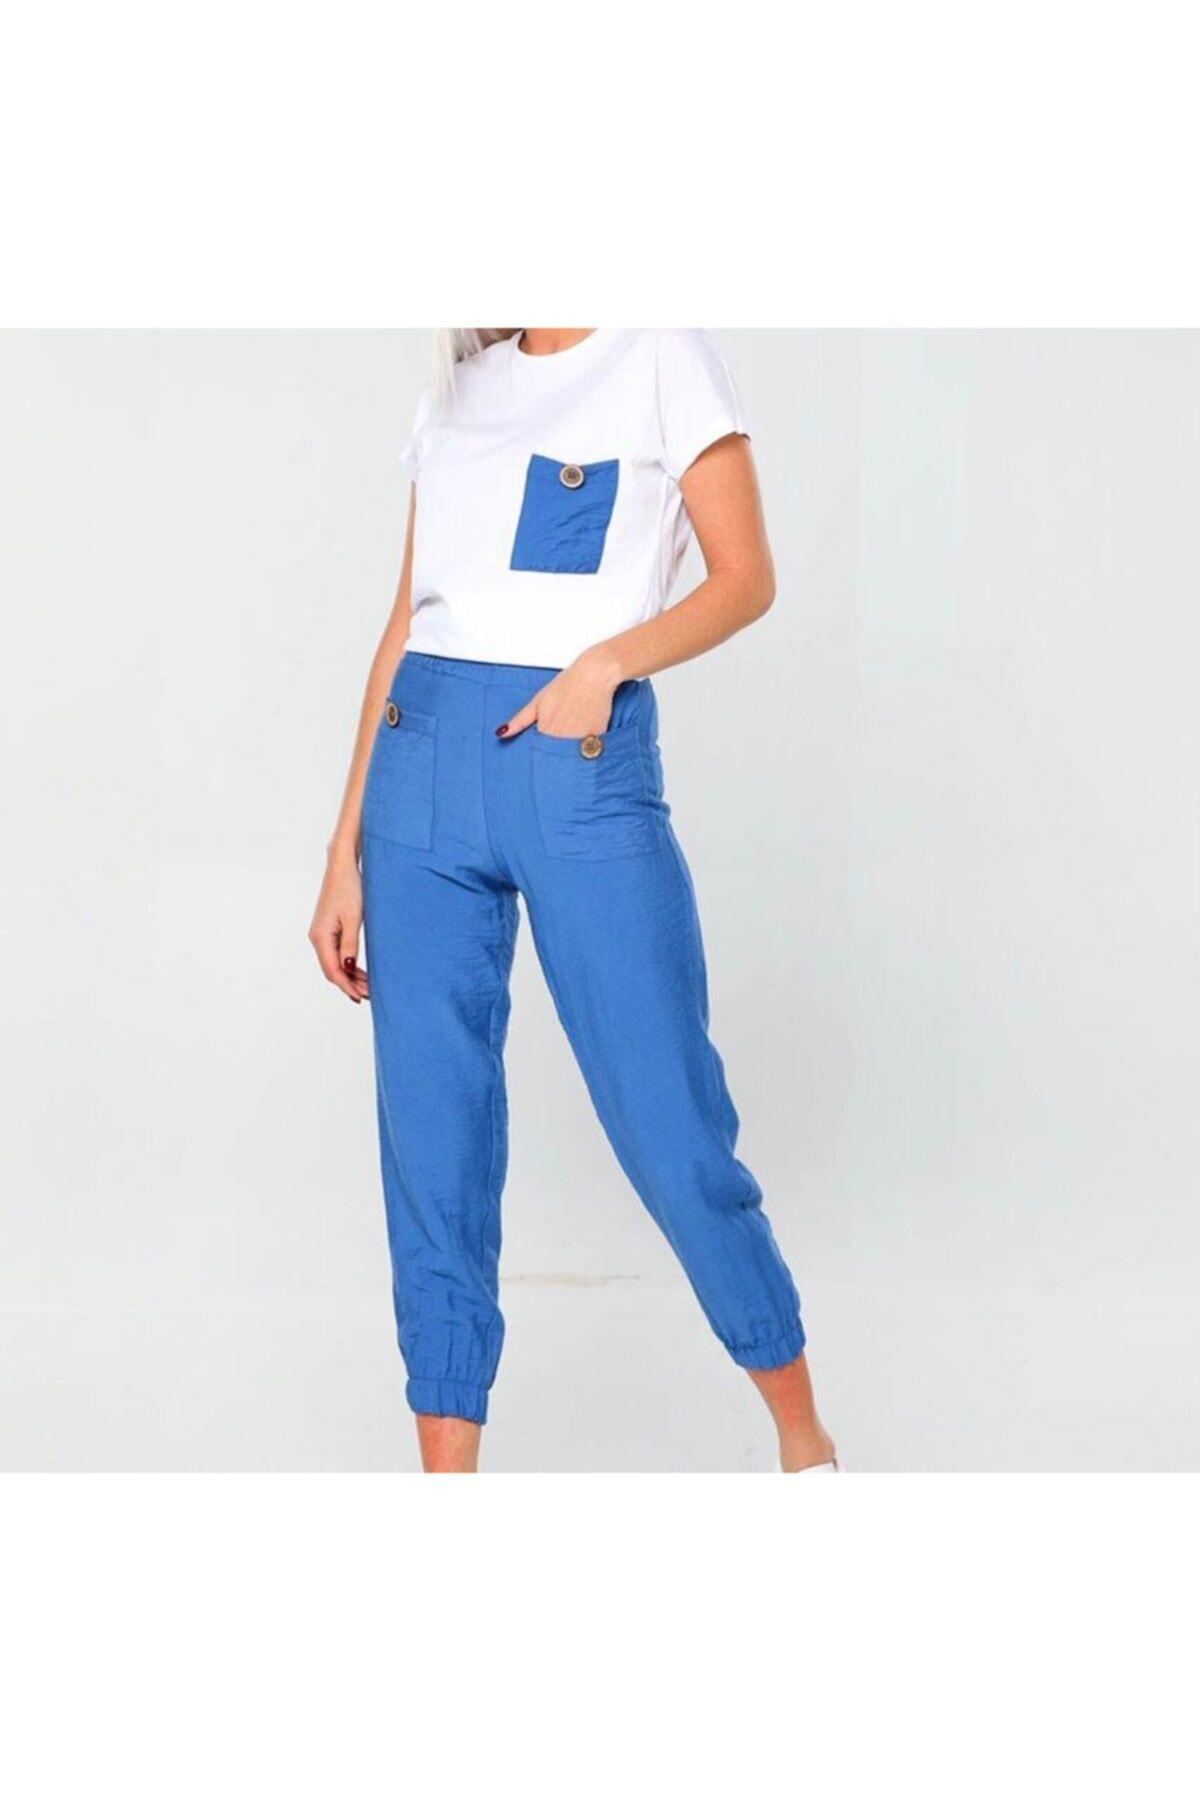 فروش اینترنتی ست ورزشی زنانه با قیمت برند Çarşım Mağazaları رنگ آبی کد ty87067675